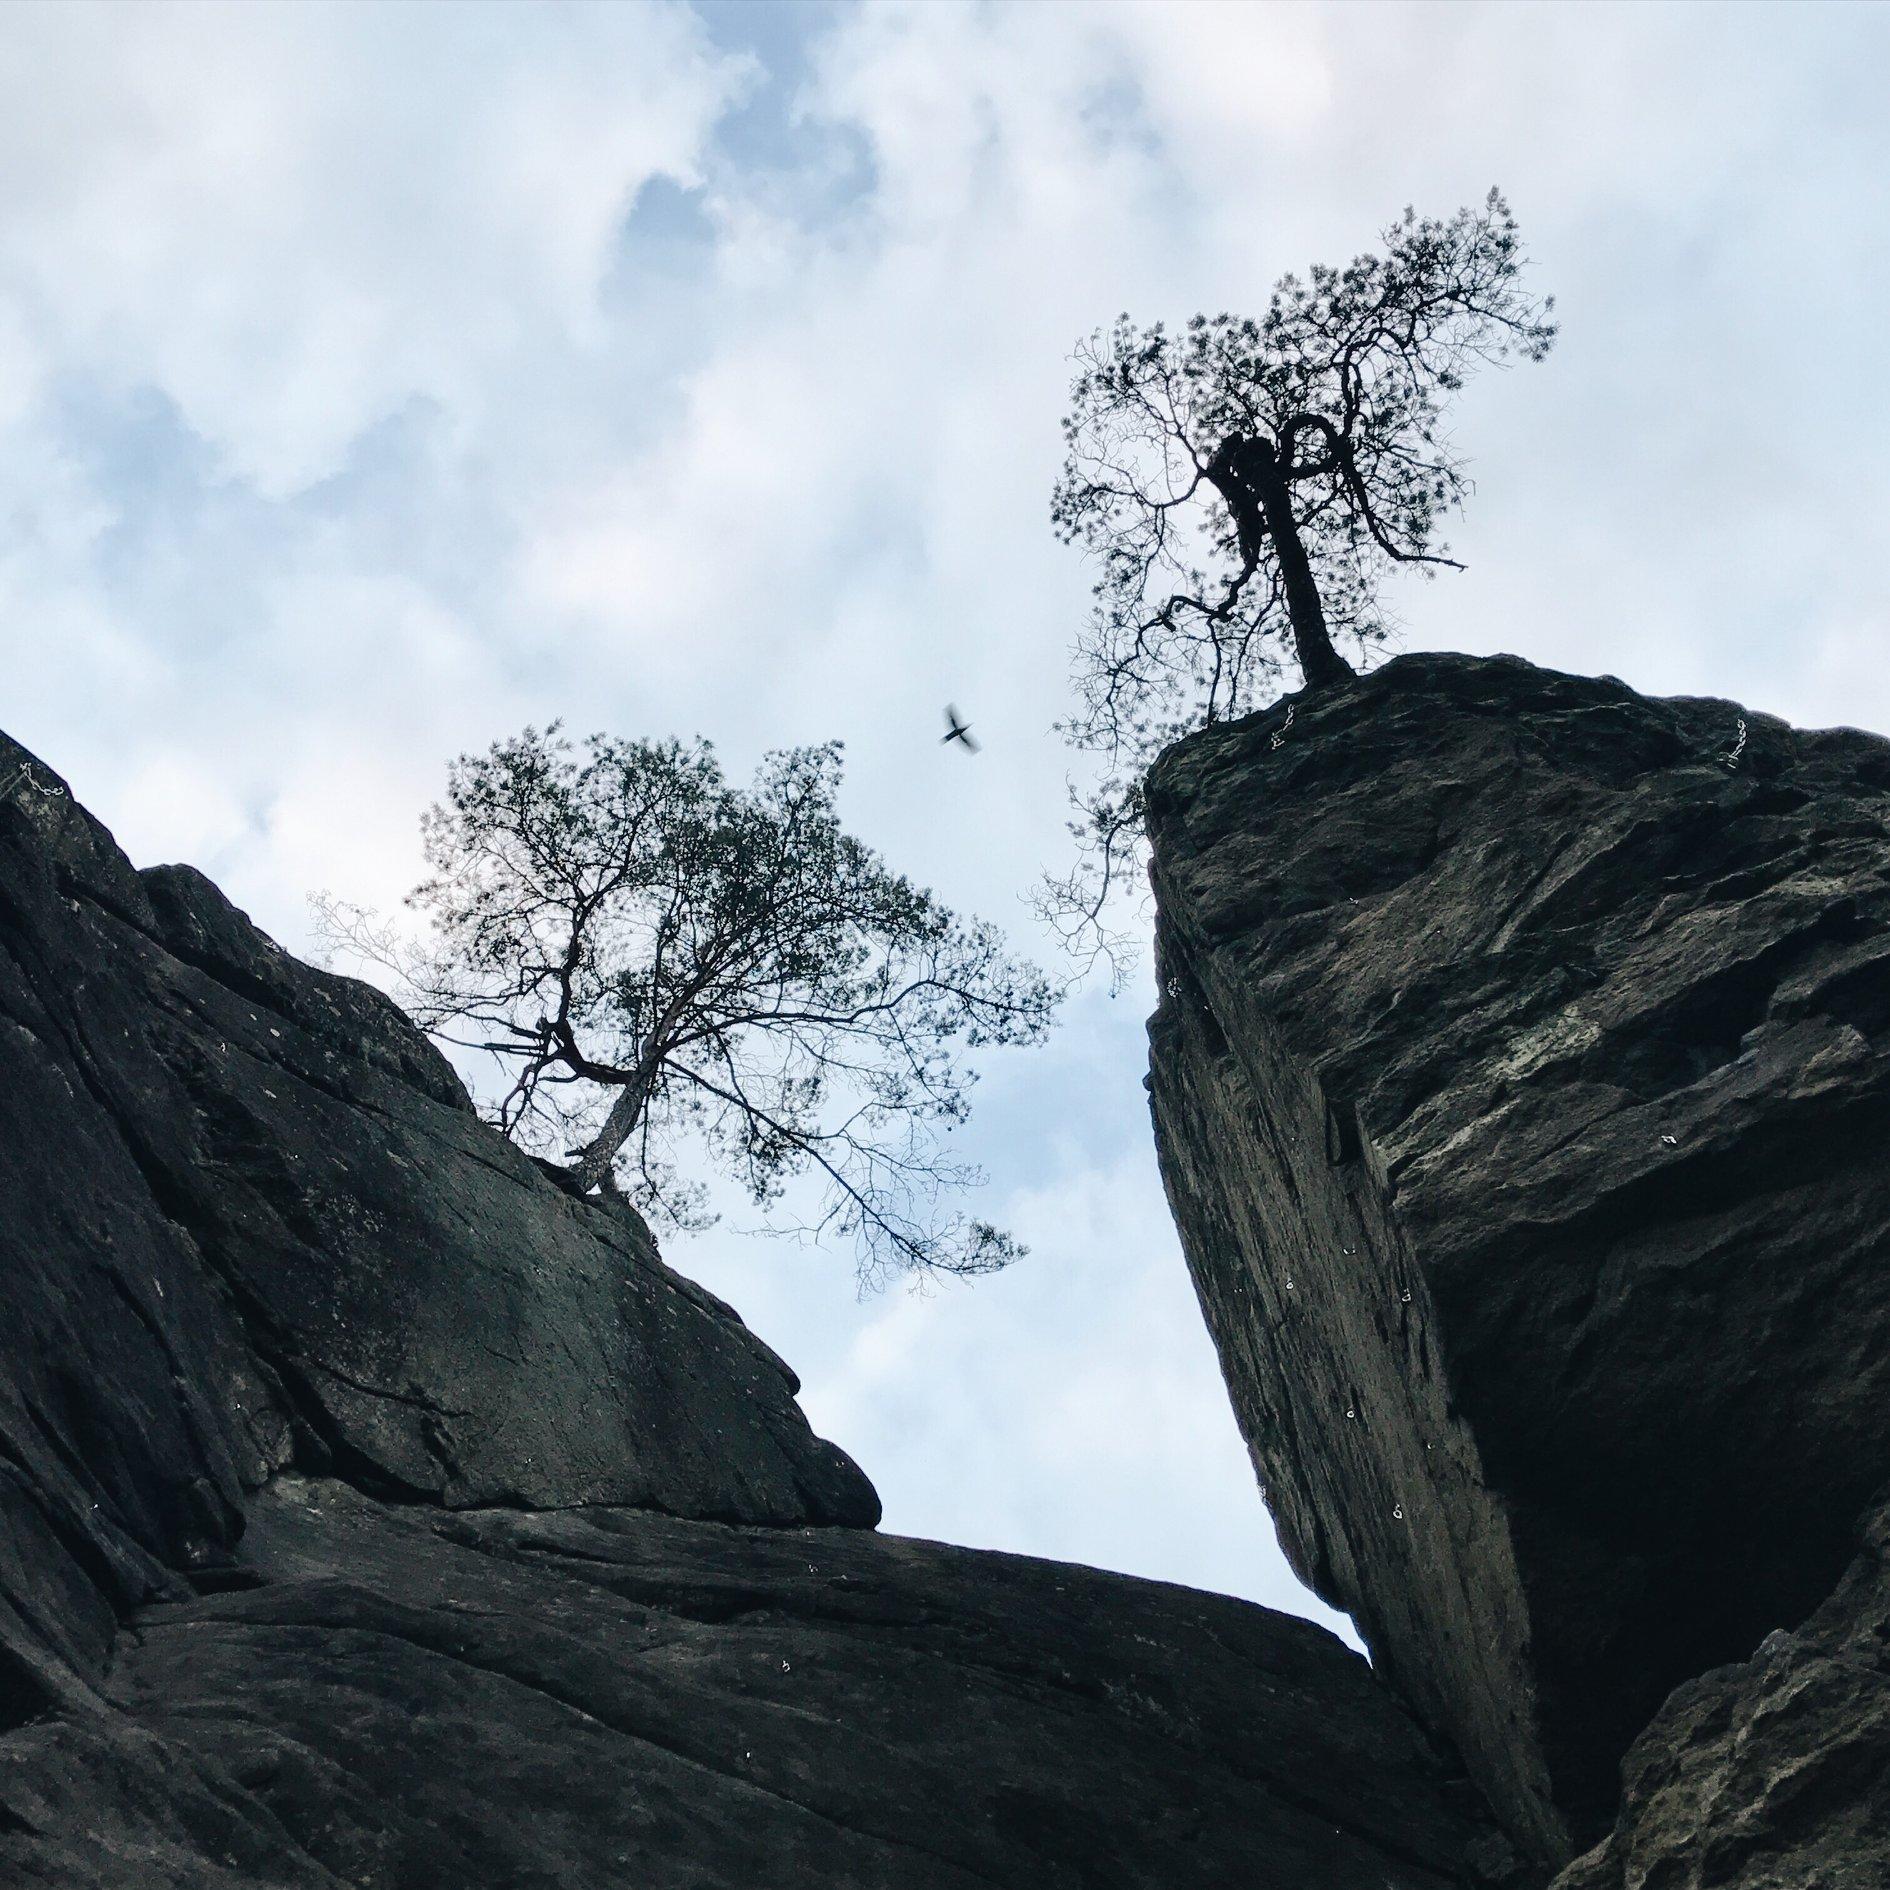 anna-weiss-Klettern mit dem besten Lehrer im eigenwilligen Bayerwald-Granit